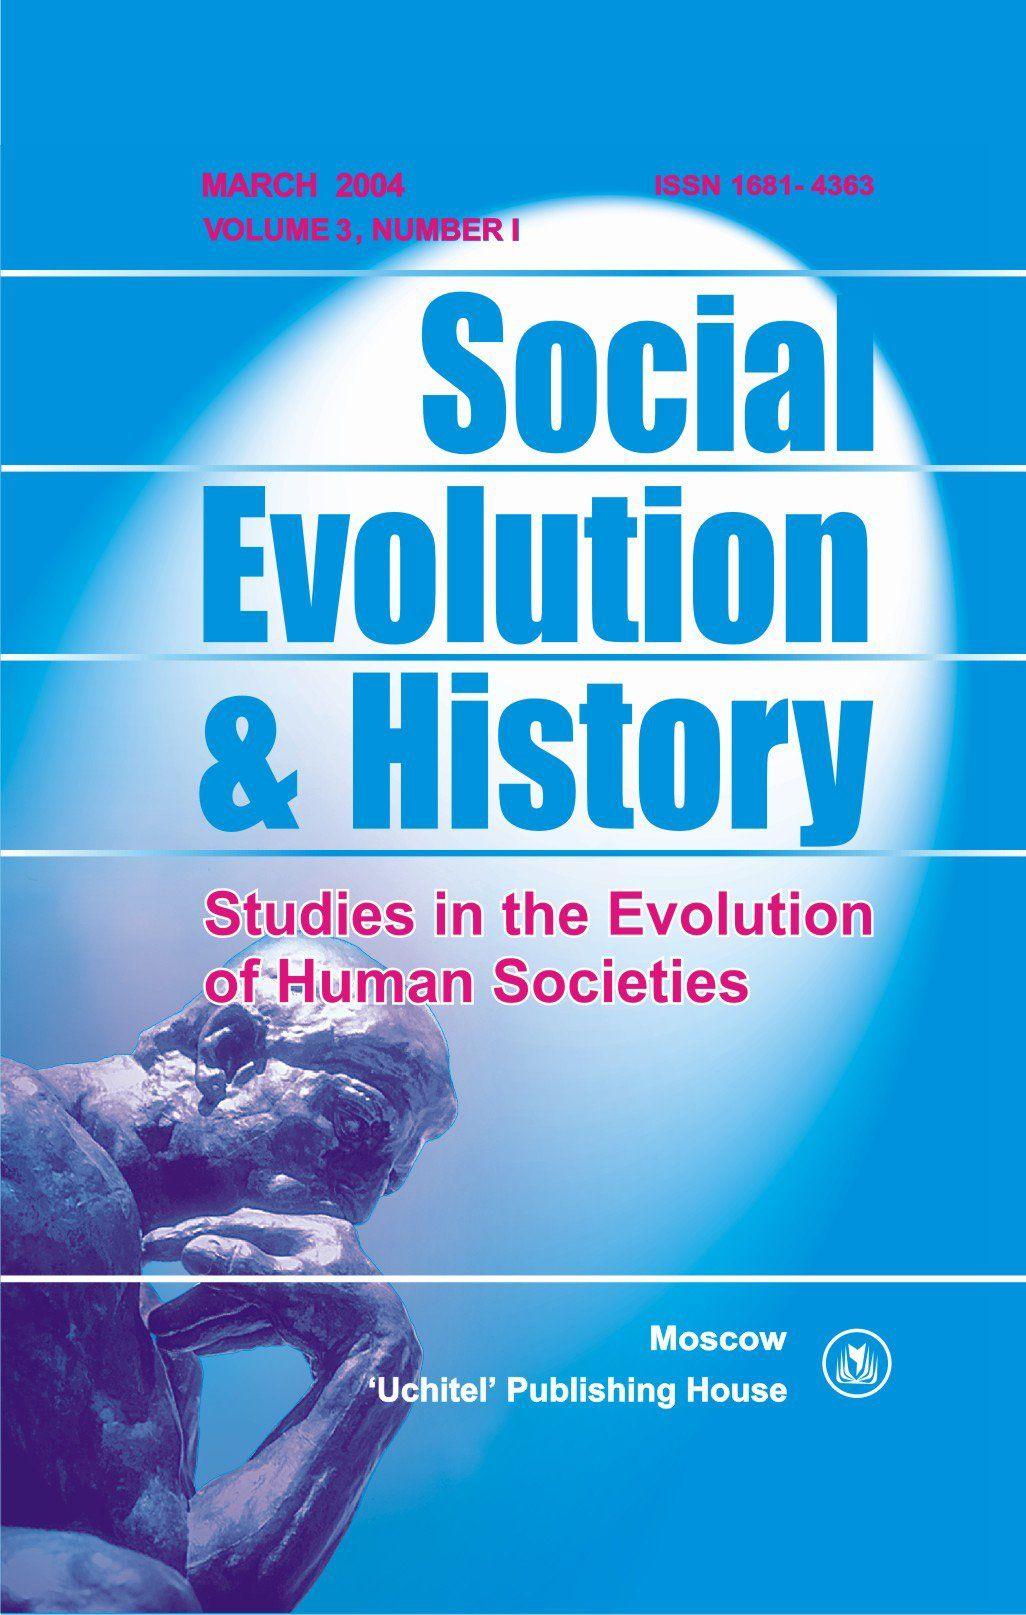 Social Evolution & History. Volume 3, Number 1. Международный журнал